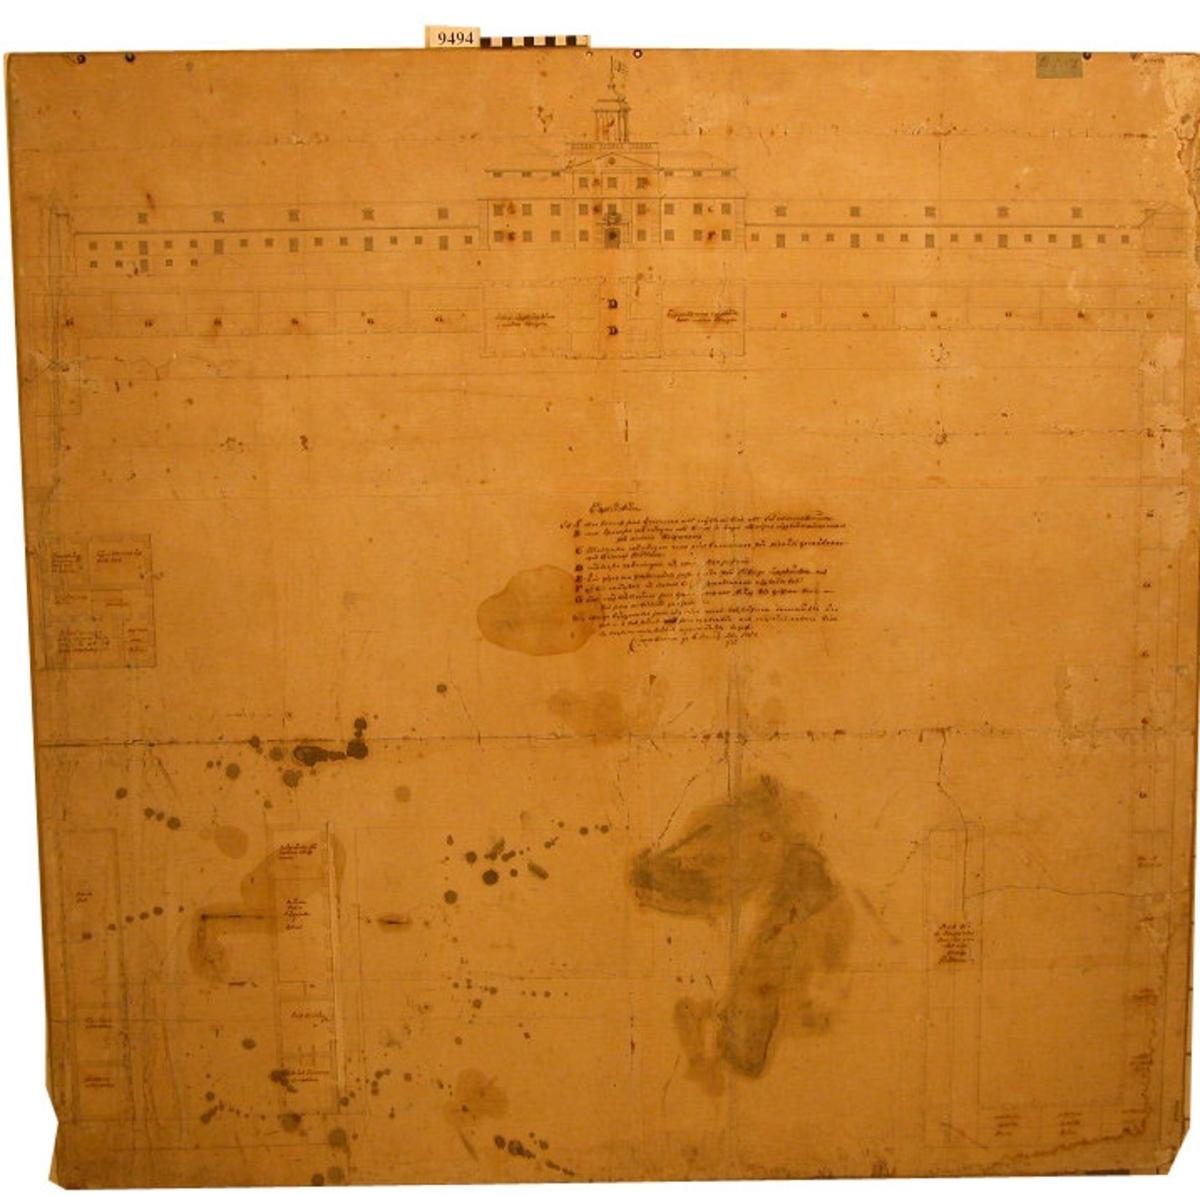 Ritning över Tyghuset på Karlskrona örlogsvarv med verkstäder, skrivkammare och bodar. Utförd på papp, klistrad på skiva av trä. Utförd av tygmästaren vid Karlskrona örlogsvarv J E  Thornqvist, den 6 augusti 1757.  Signerad J E Thornqvist